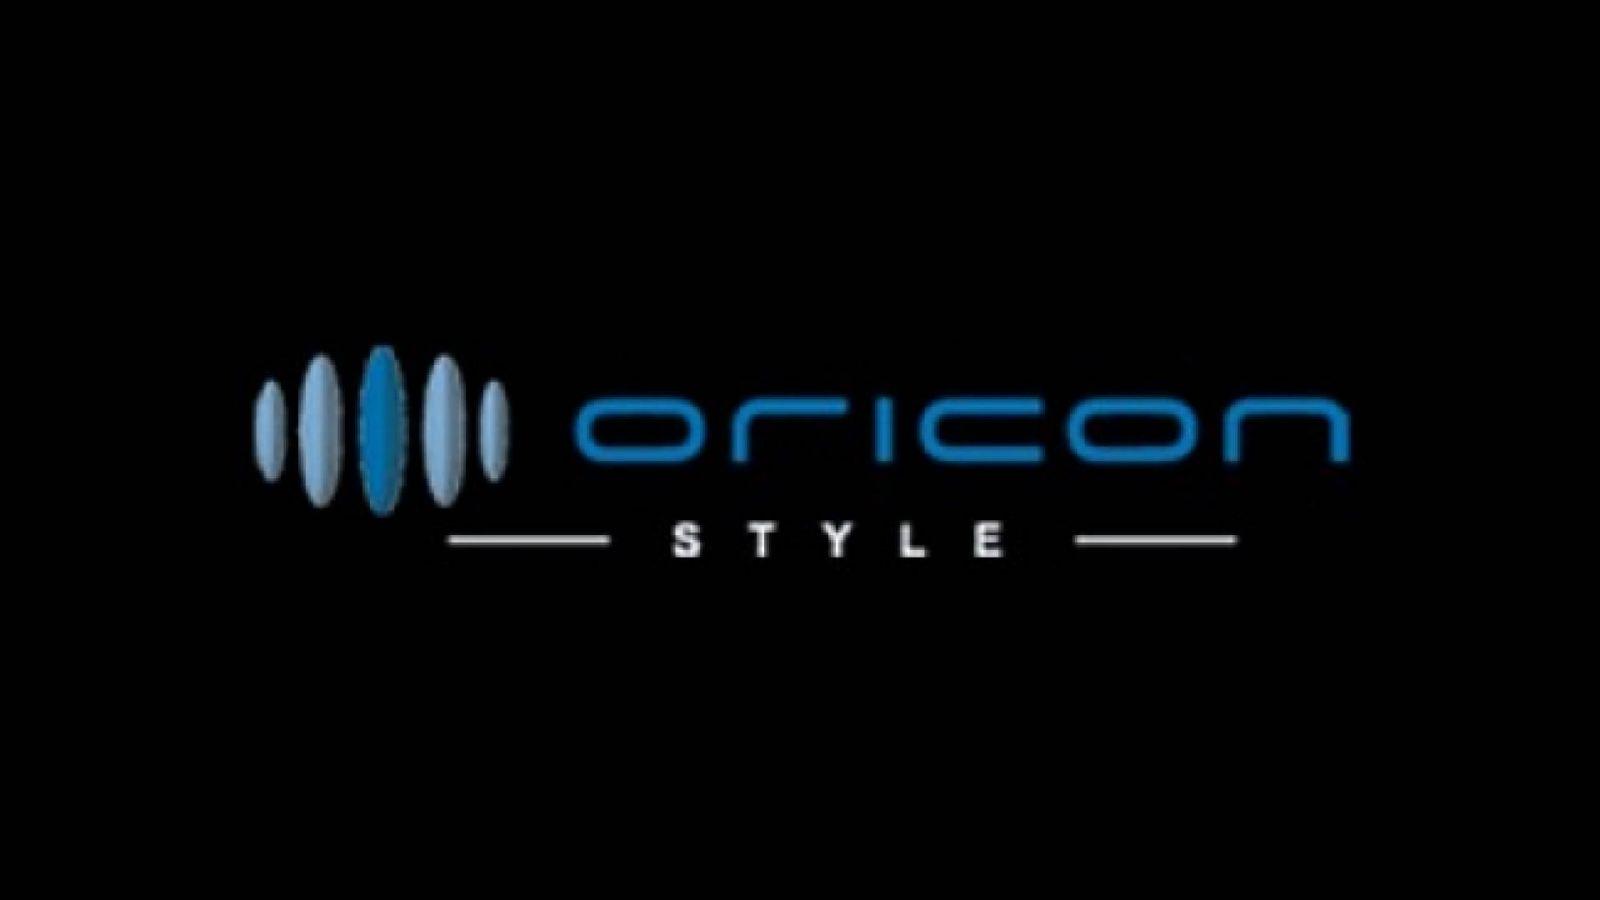 Oricon 2018 Week 32 © JaME - Oricon